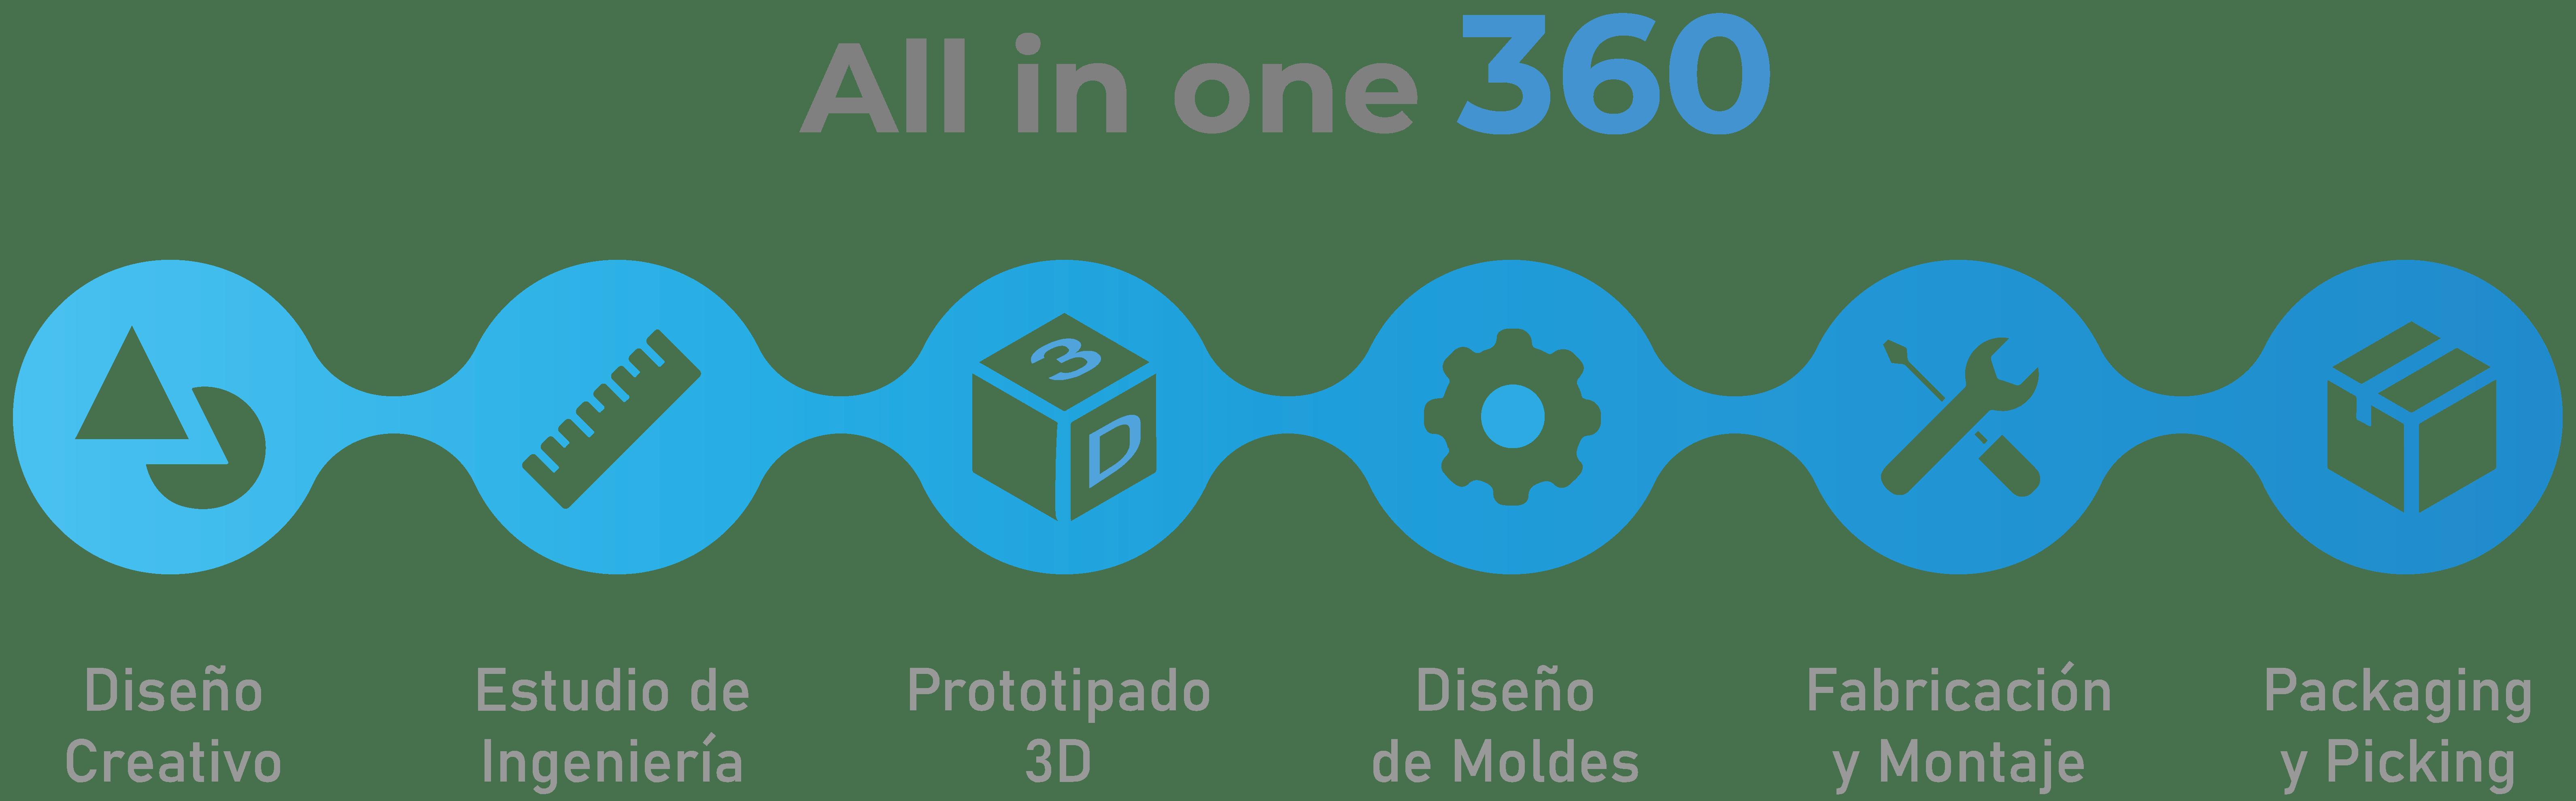 Mapa 360